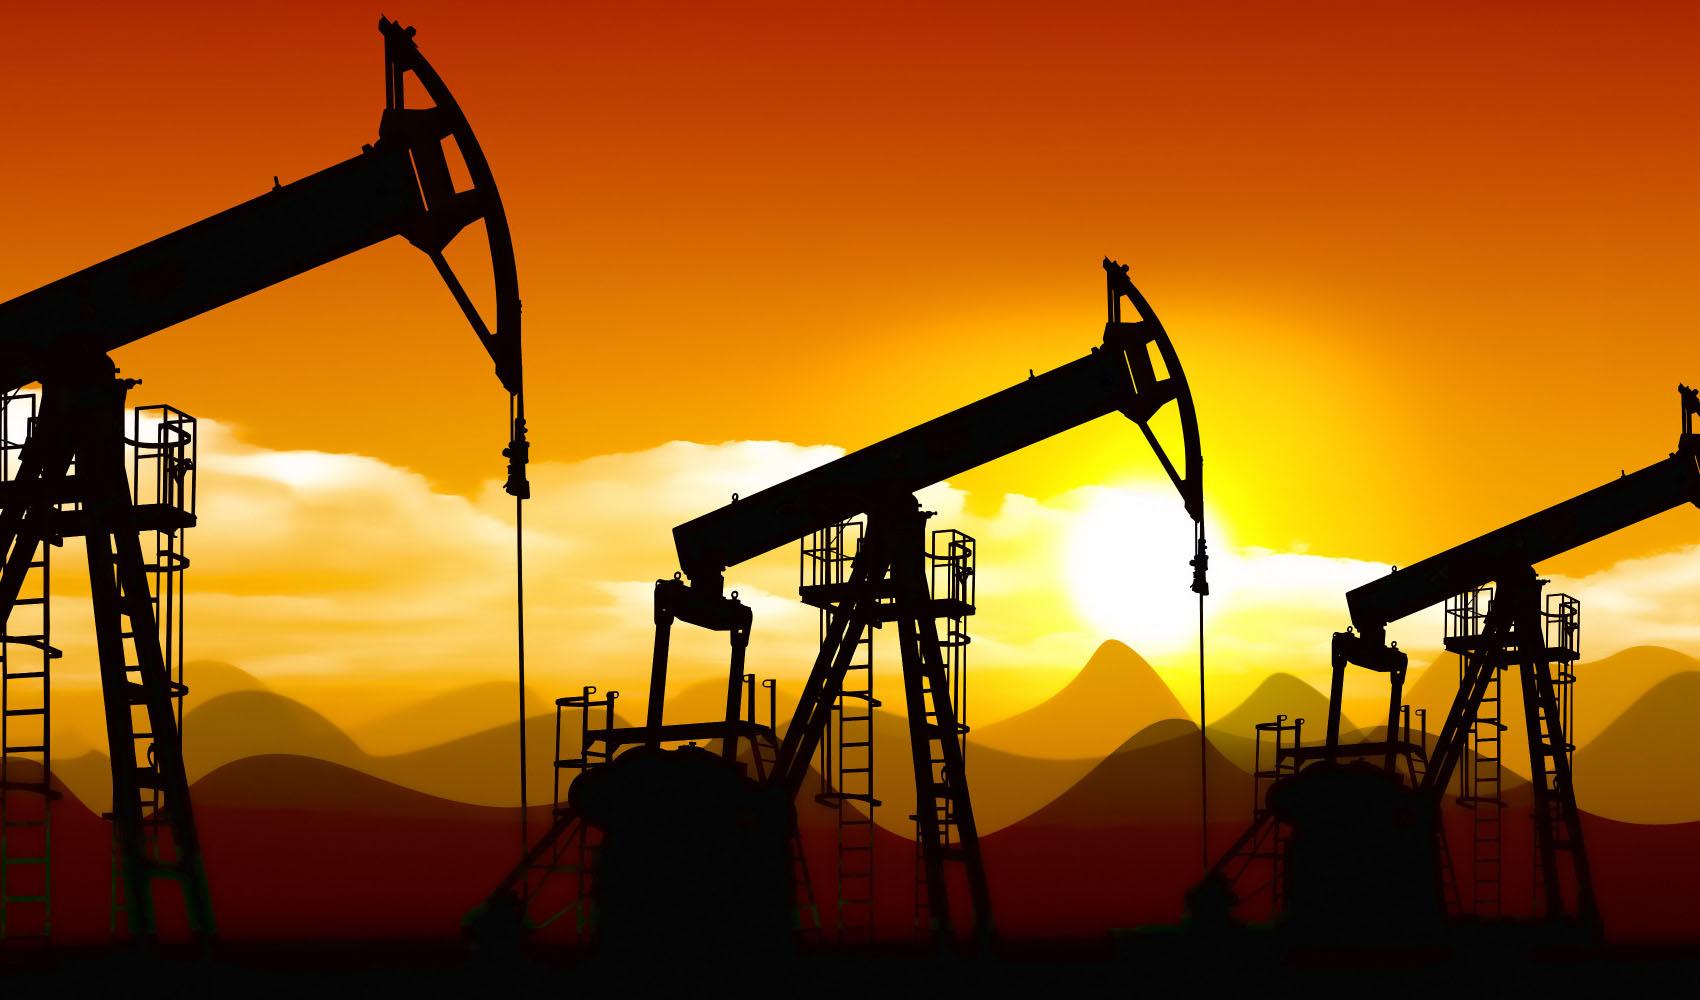 تقاضای نفت در ماههای آینده تا ۳۰ میلیون بشکه در روز کاهش مییابد/ مبنای تعیین قیمت نفت ایران ارتباطی با دبلیوتیآی ندارد